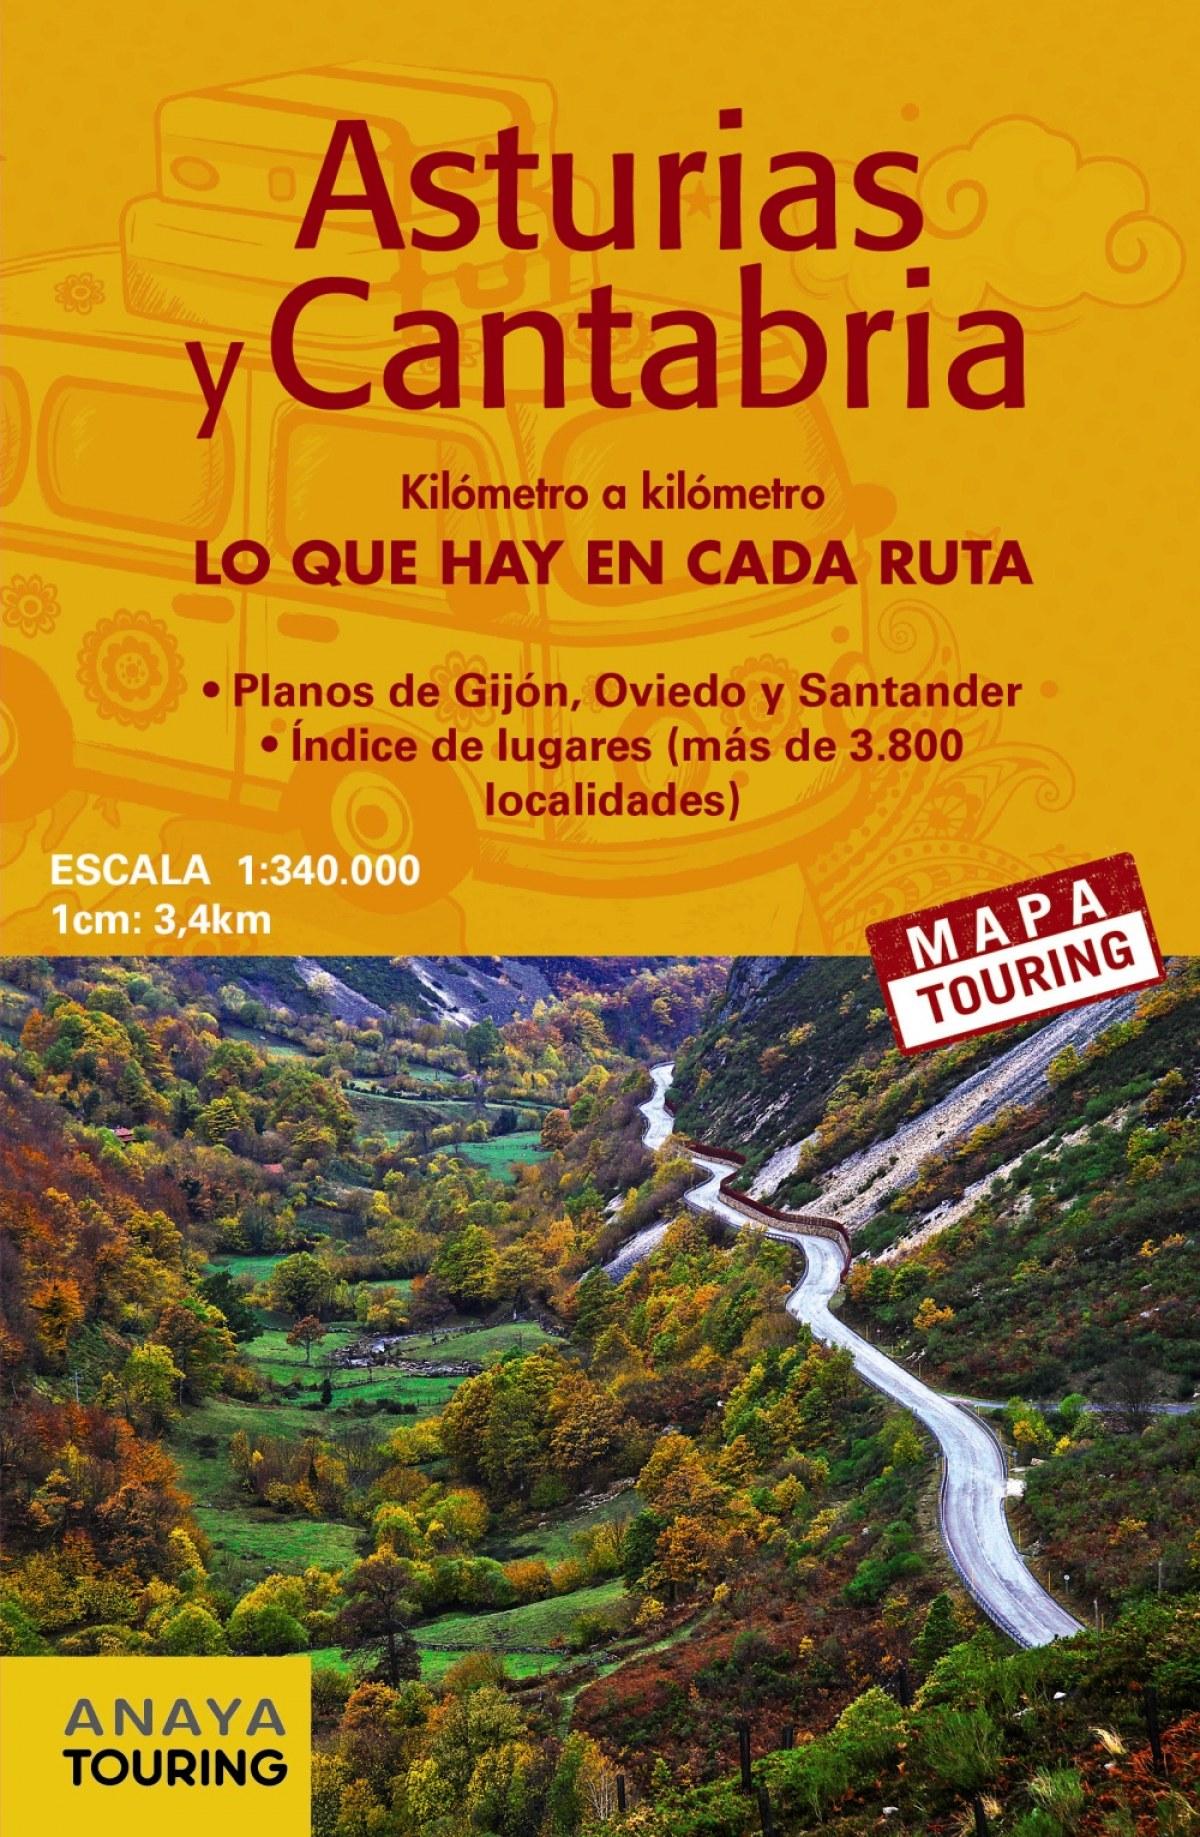 MAPA DE CARRETERAS ASTURIAS Y CANTABRIA 1:340.000 2018 9788491580928